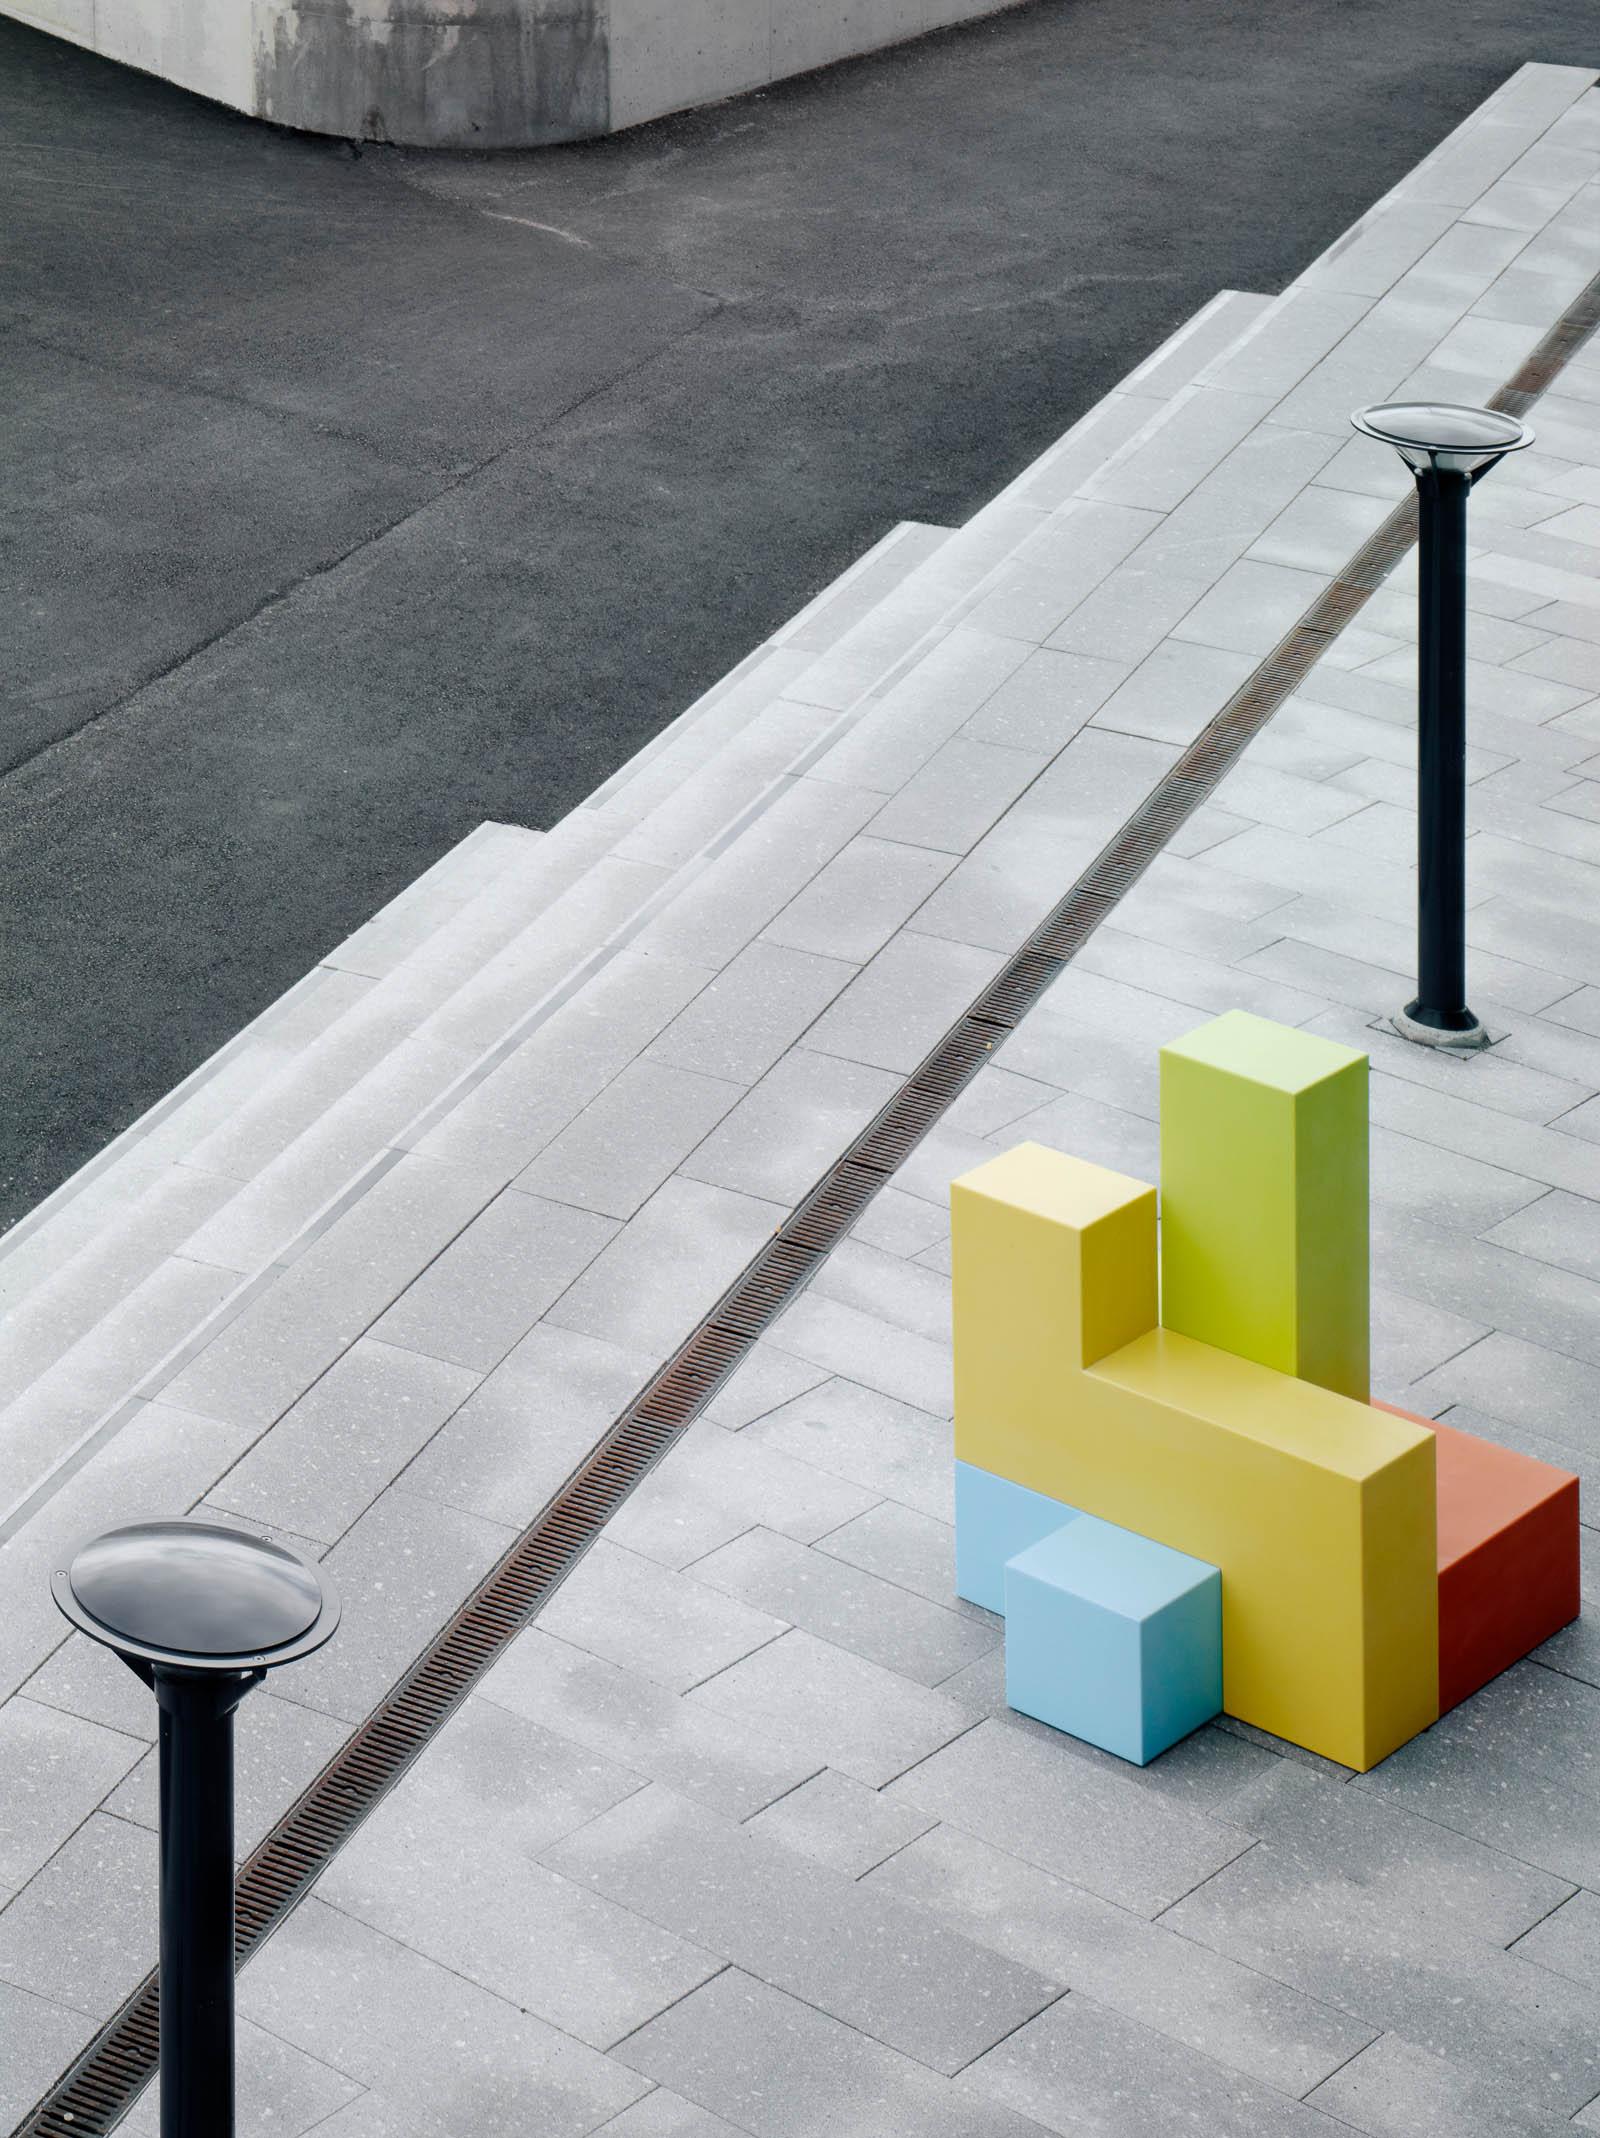 På trottoaren står en grön, gul, orange och blå skulptur. Jacob Dahlgren, Tetris, 2012.